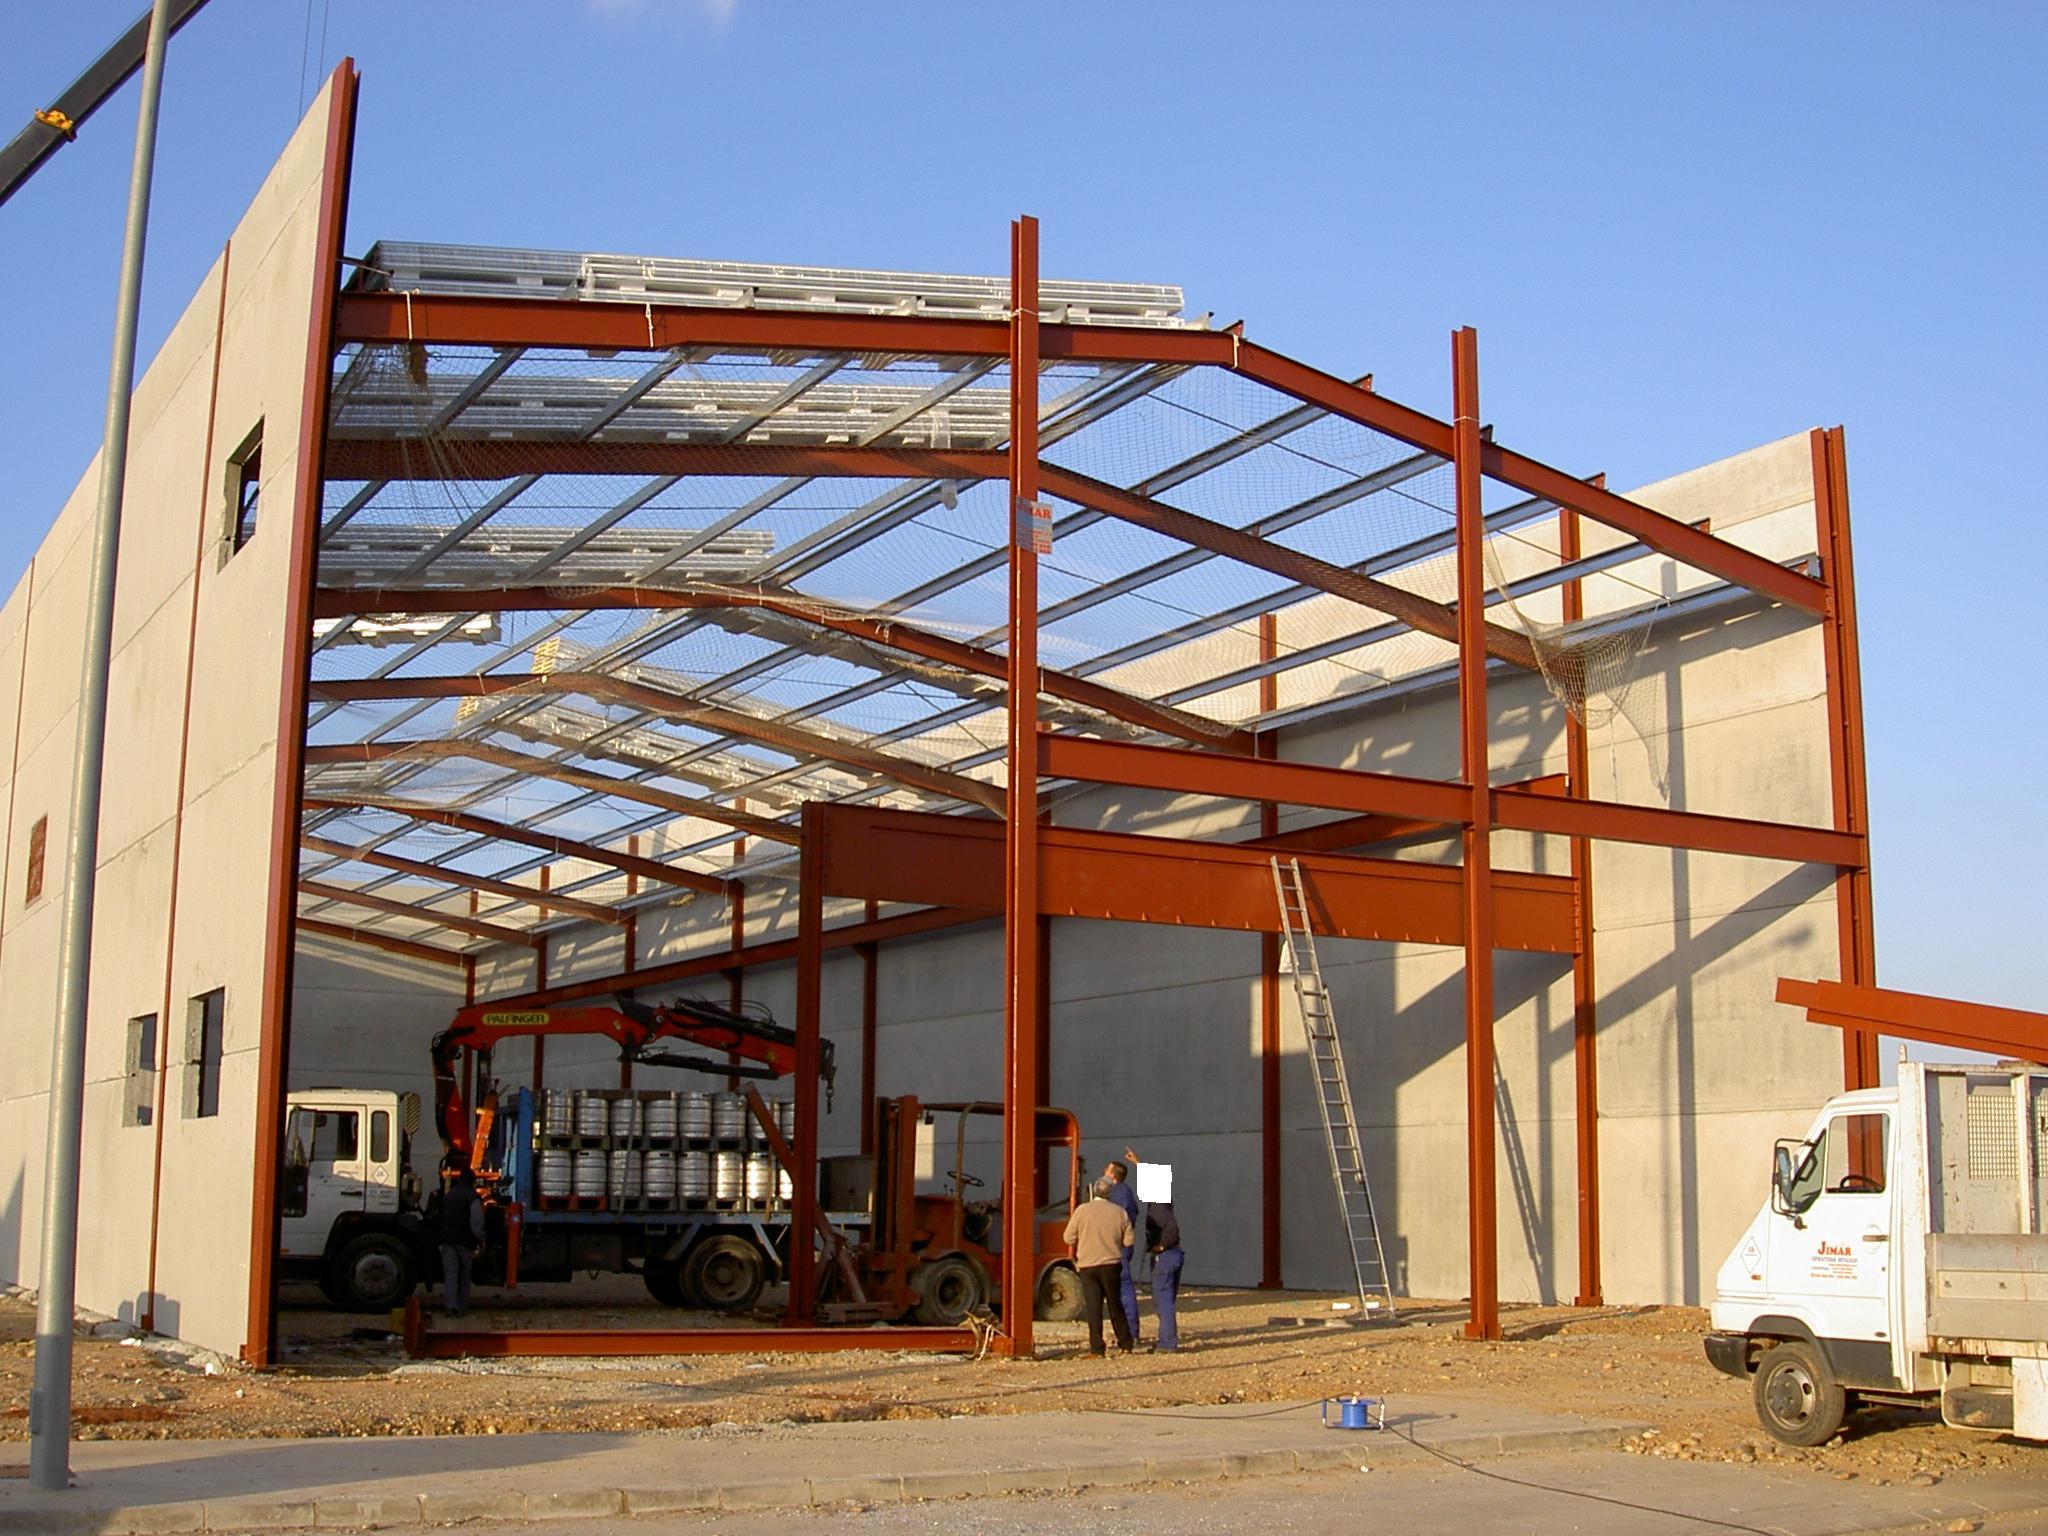 Jimal estructuras met licas s l palma del r o - Fotos de construcciones metalicas ...